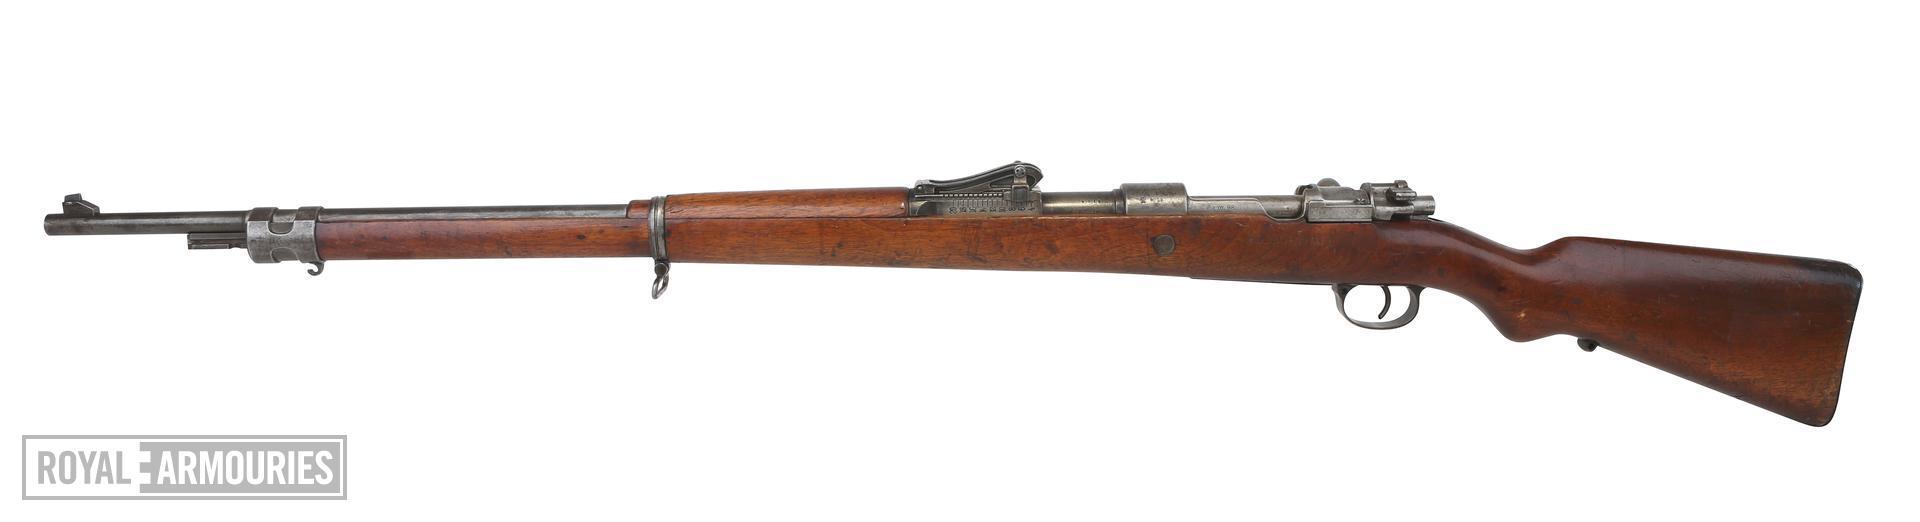 Centrefire bolt-action magazine military rifle - Mauser Gewehr 98